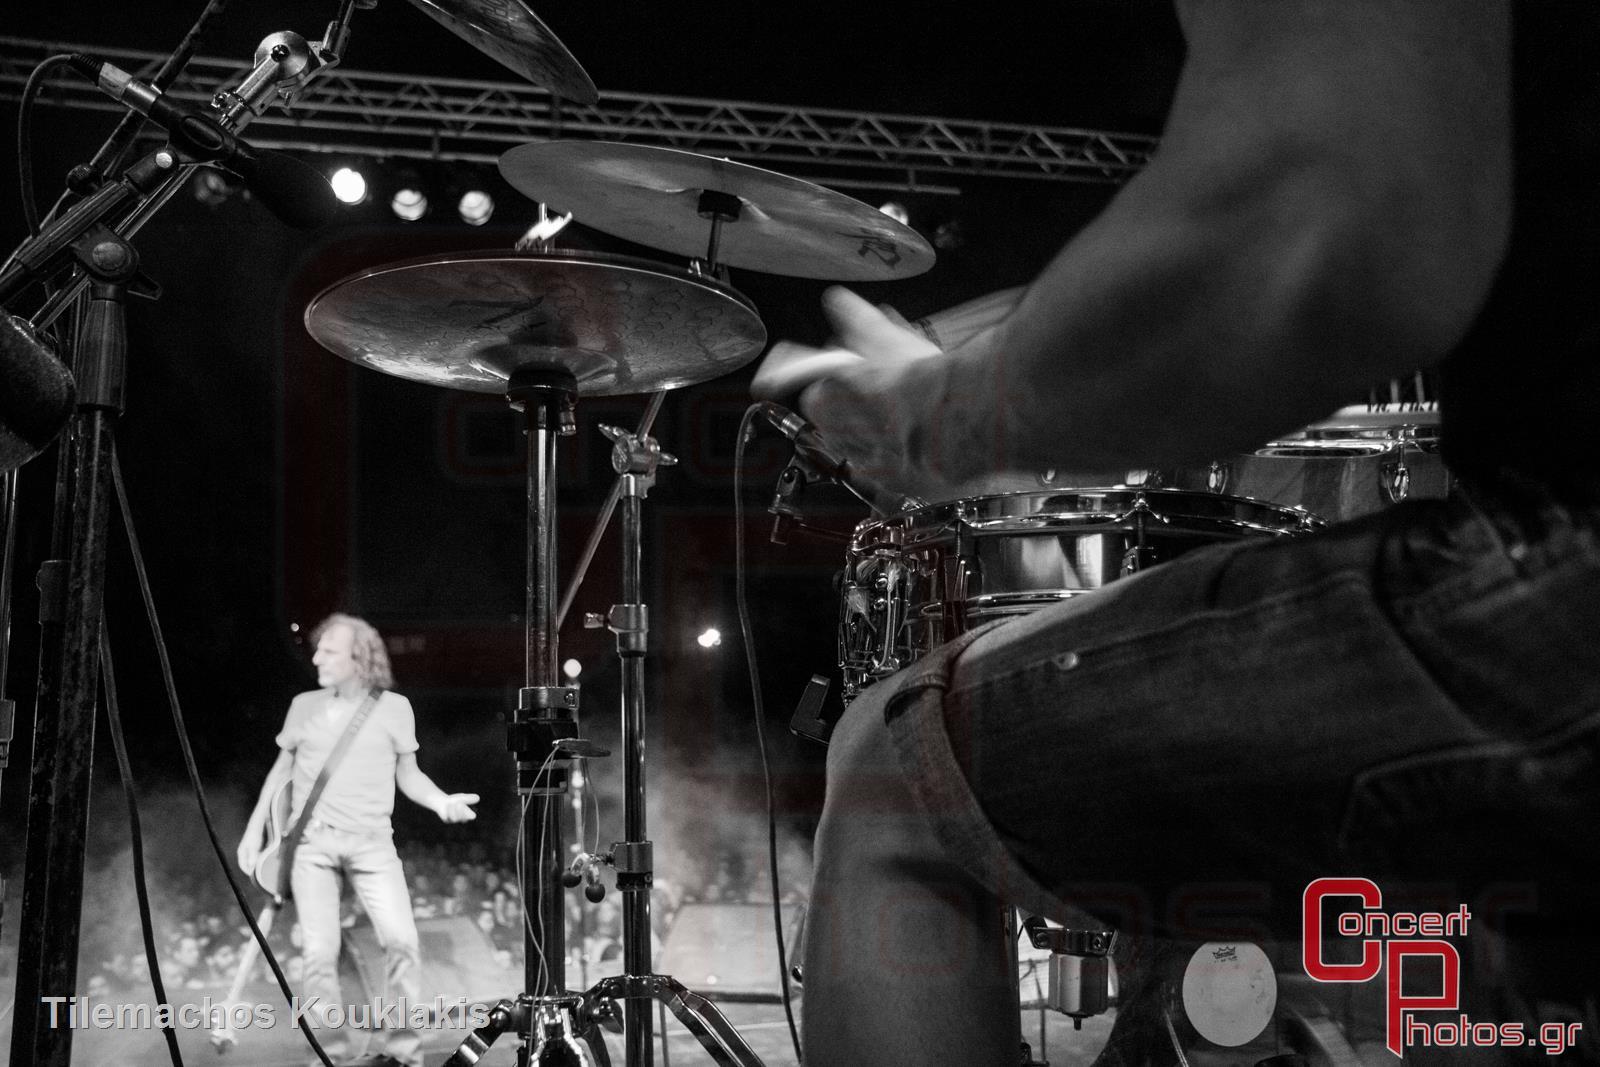 Βασίλης Παπακωνσταντίνου - 40 Χρόνια Έφηβος-Vasilis Papakonstantinou 40 Chronia Efivos photographer: Tilemachos Kouklakis - concertphotos_-4790